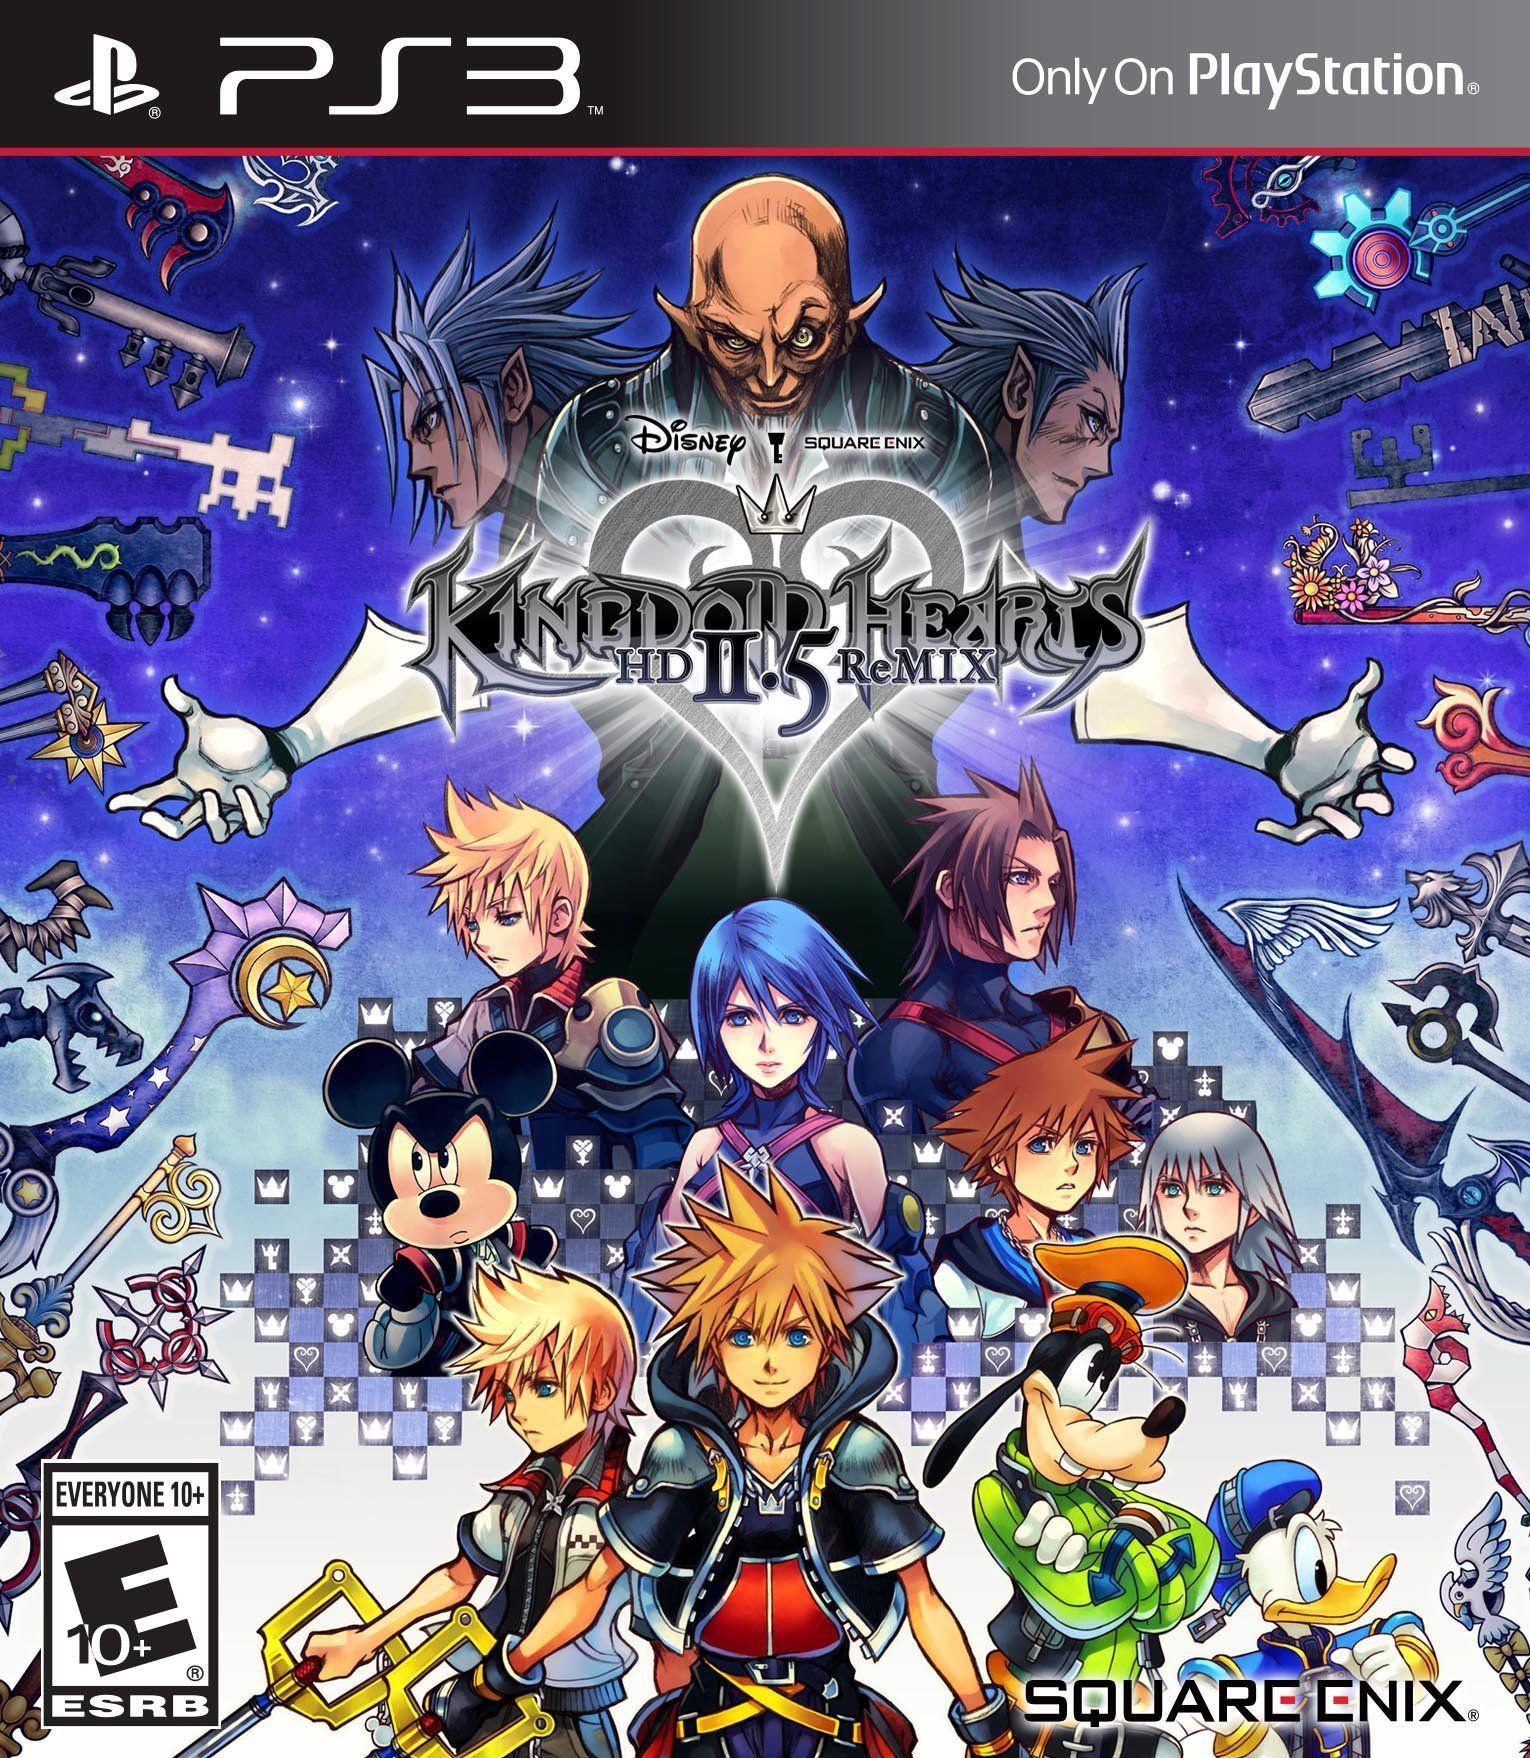 Amazon Com Kingdom Hearts Hd 2 5 Remix Limited Edition Video Games Kingdom Hearts Hd Kingdom Hearts Characters Kingdom Hearts